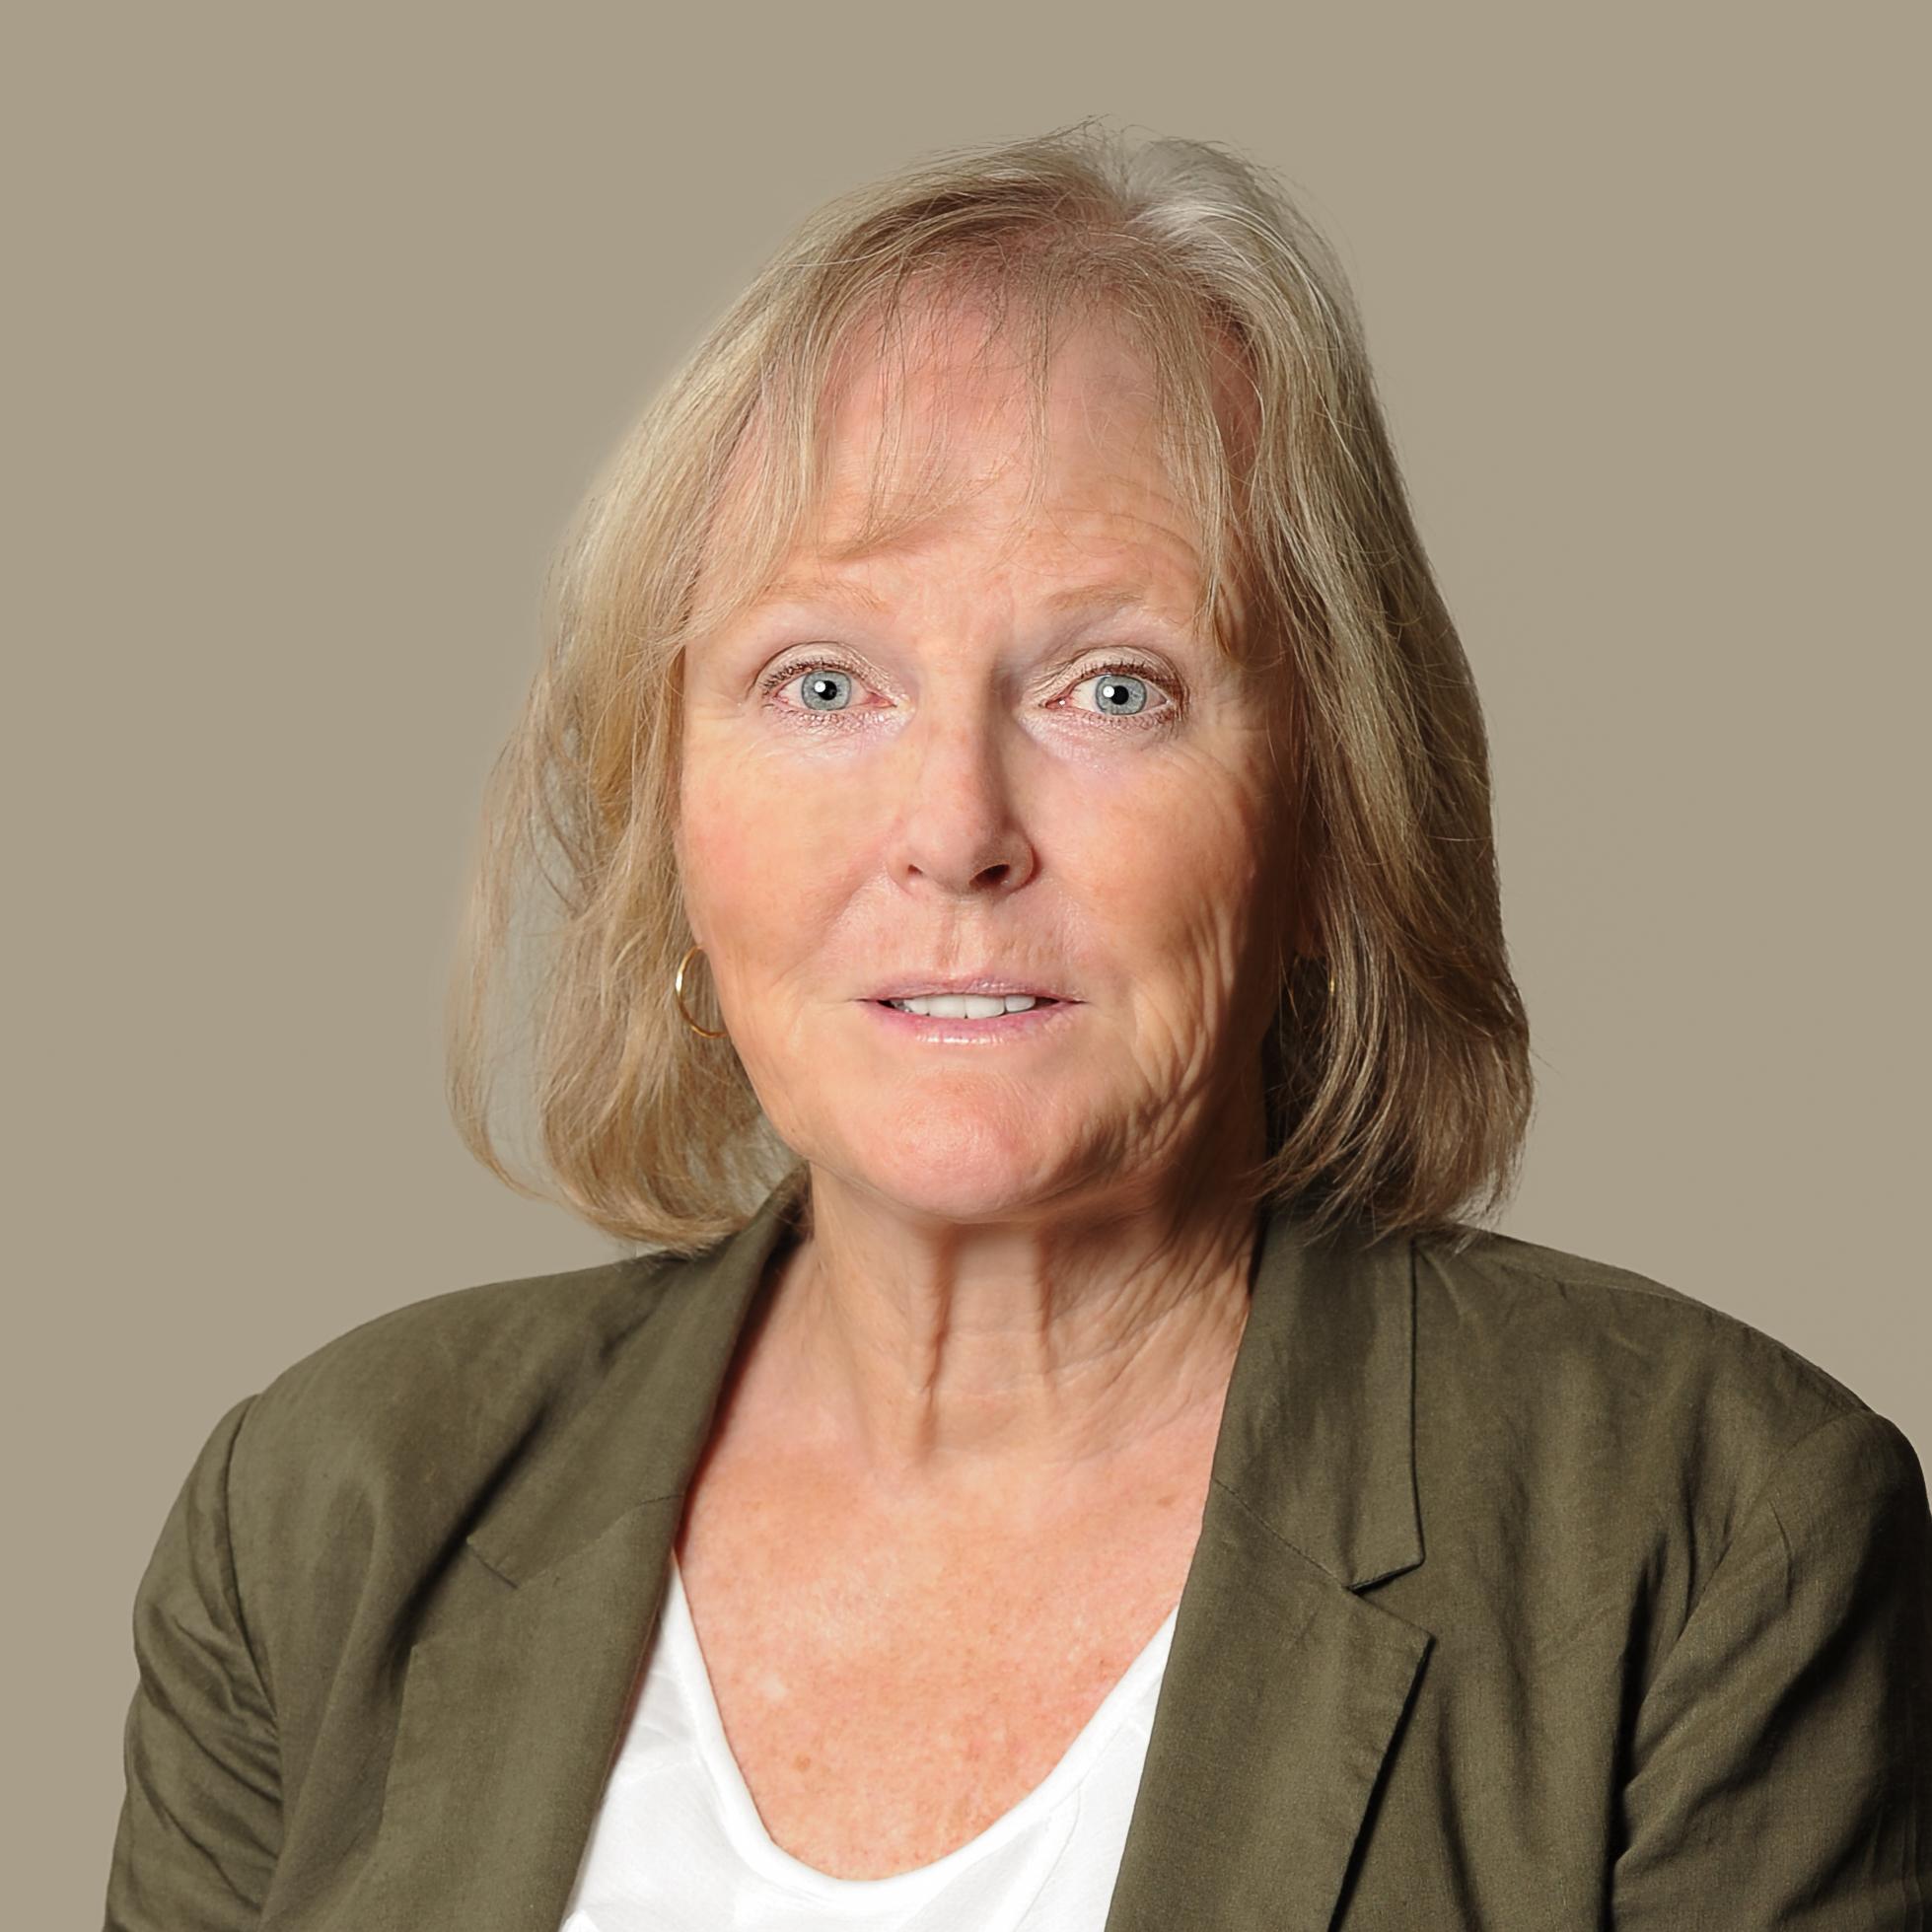 Susanne Laperle